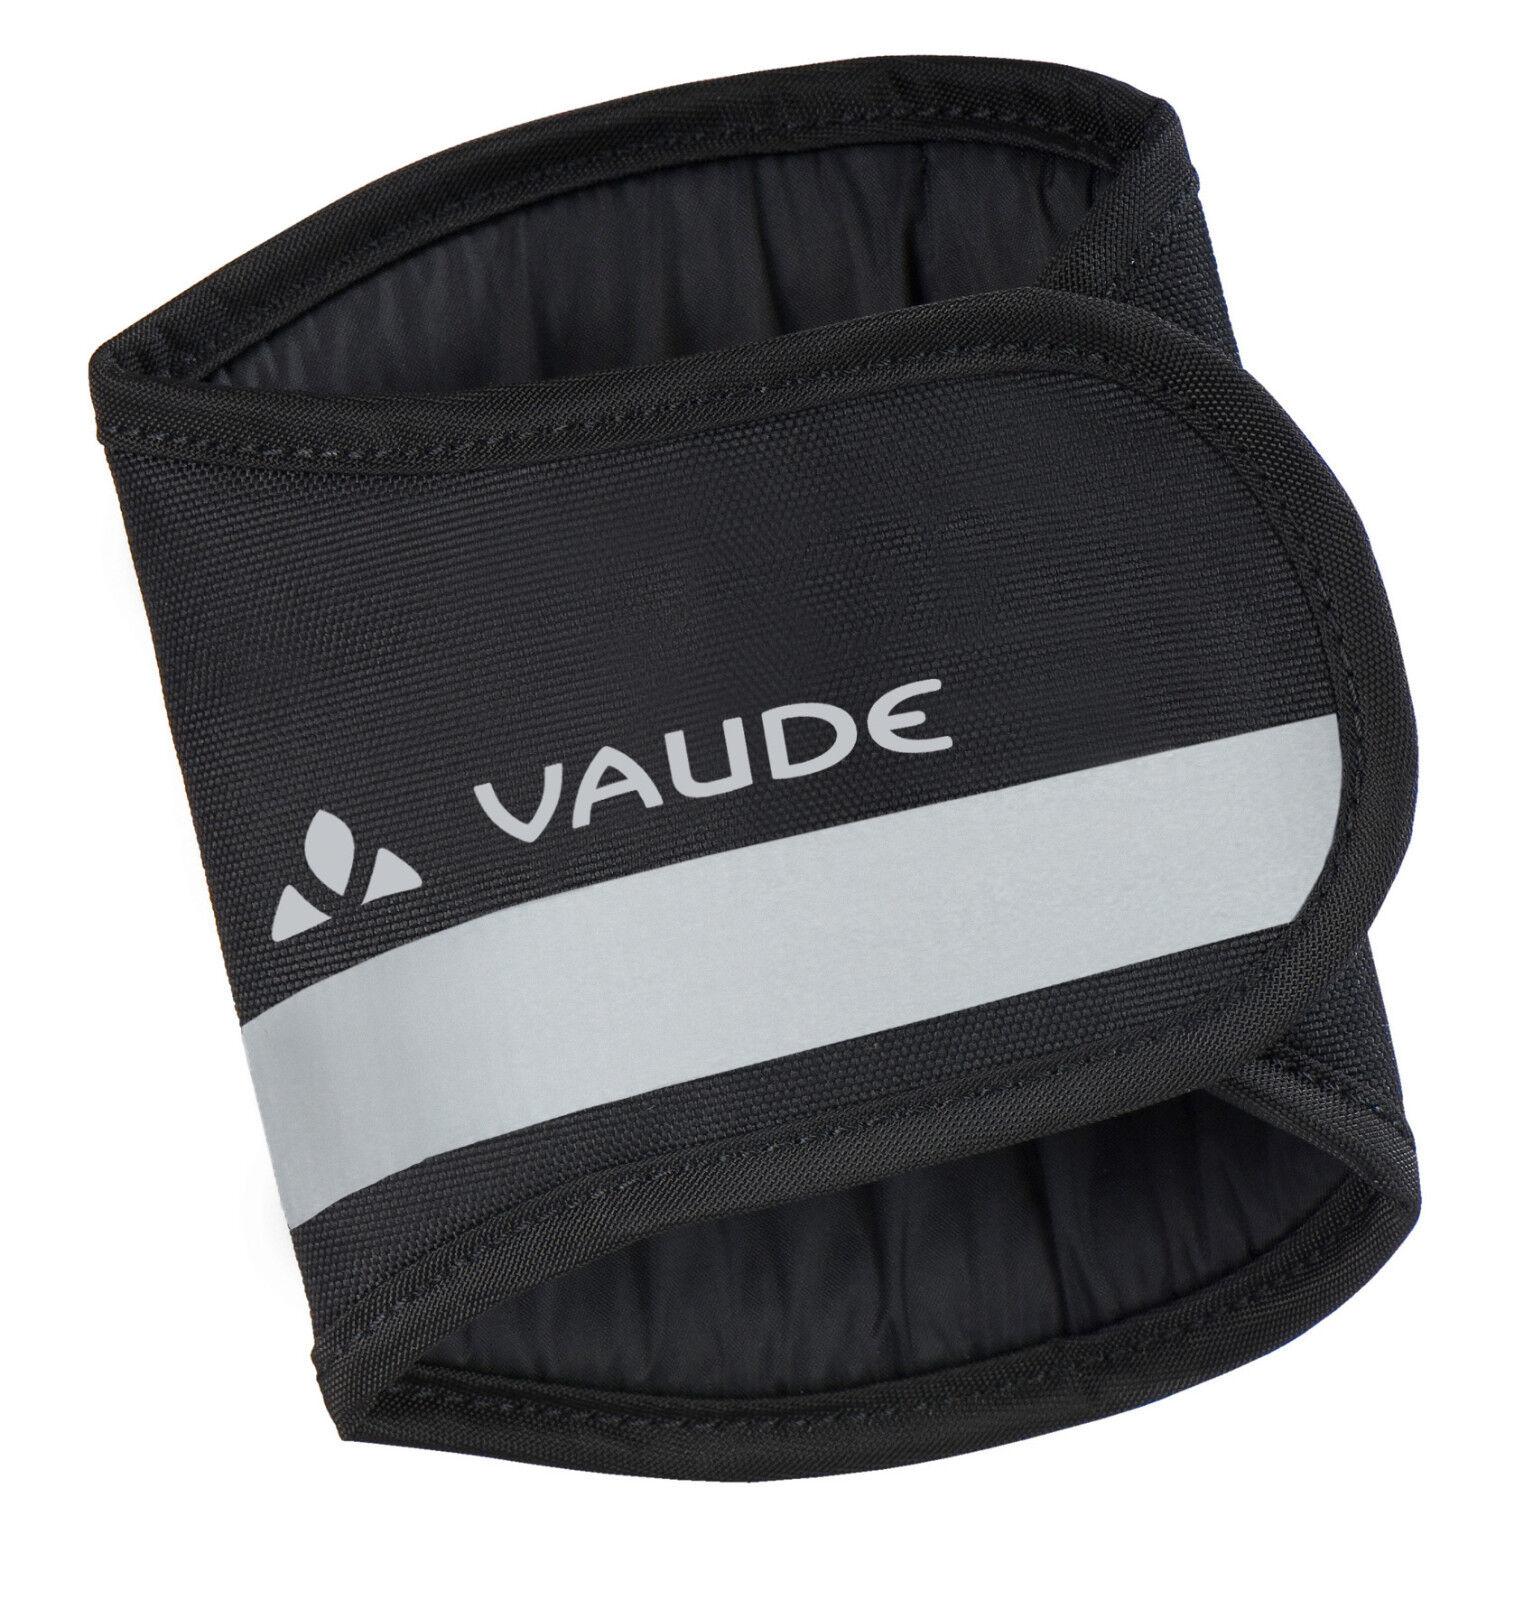 Vaude CHAIN PROTECTION, Reflexband zum Radfahren, Kette…  